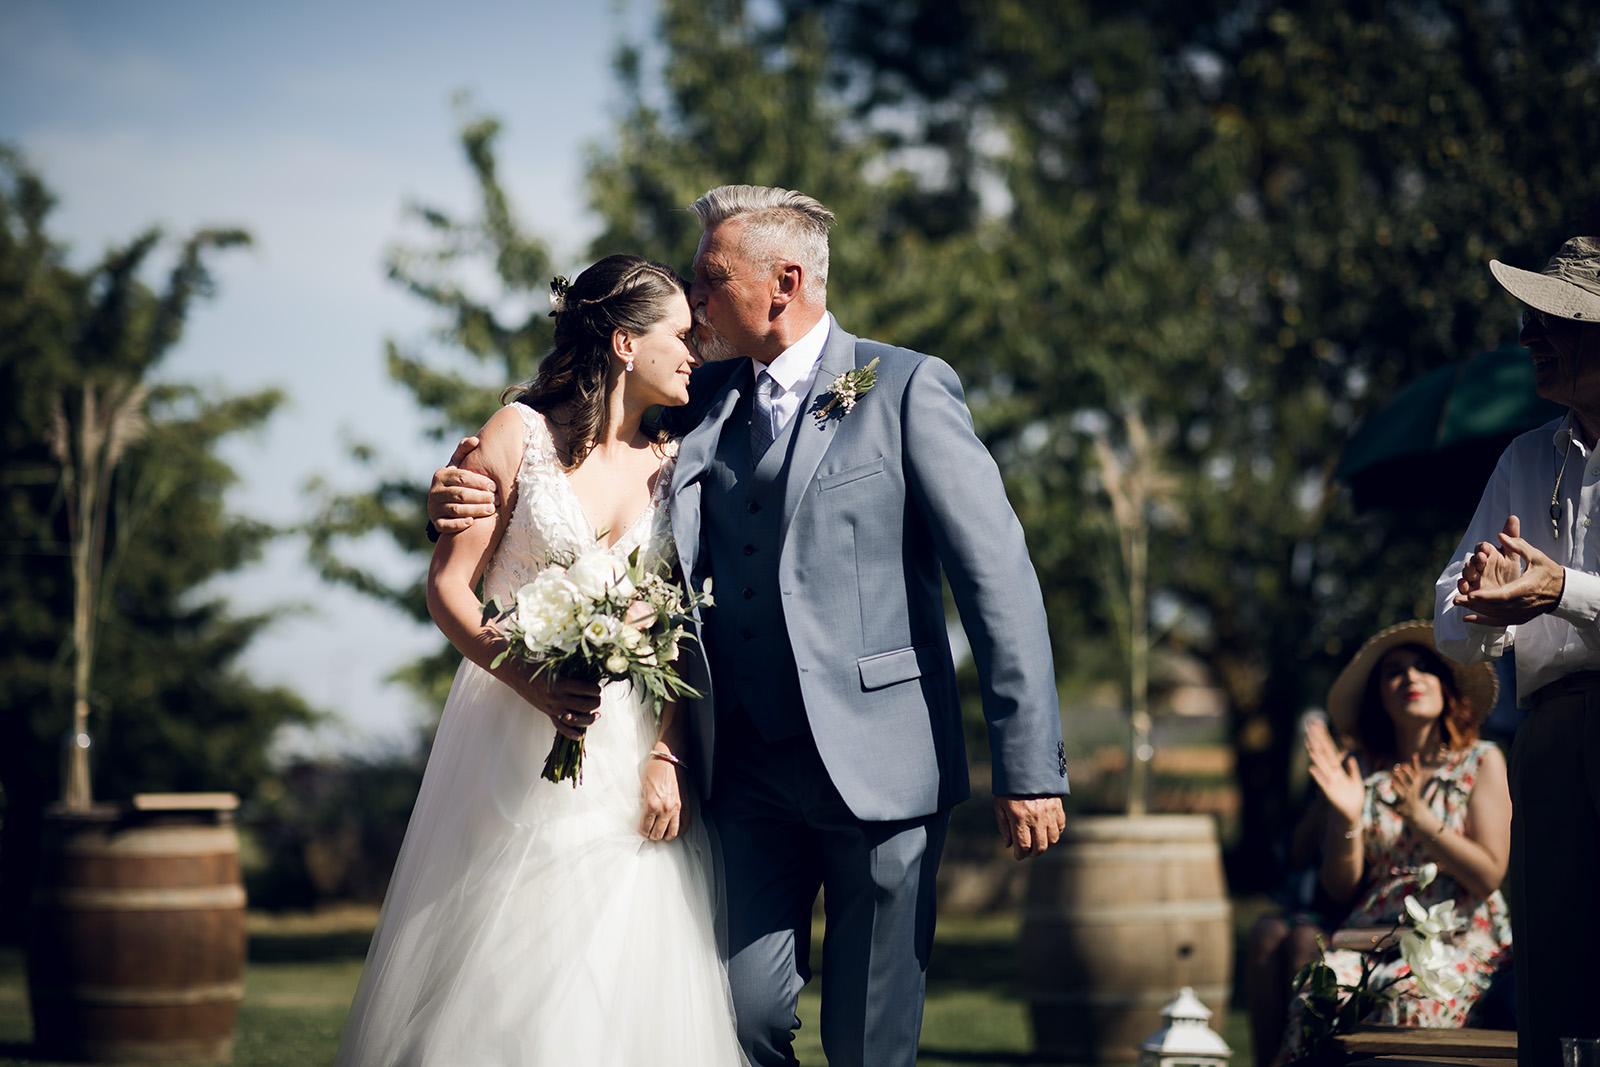 photographe-mariage-reportage-wedding-photographer-robe-de-mariee-domaine-de-benevent-beaujolais-elise-julliard-lyon-auvergne-rhone-alpes-ceremonie-laique-4